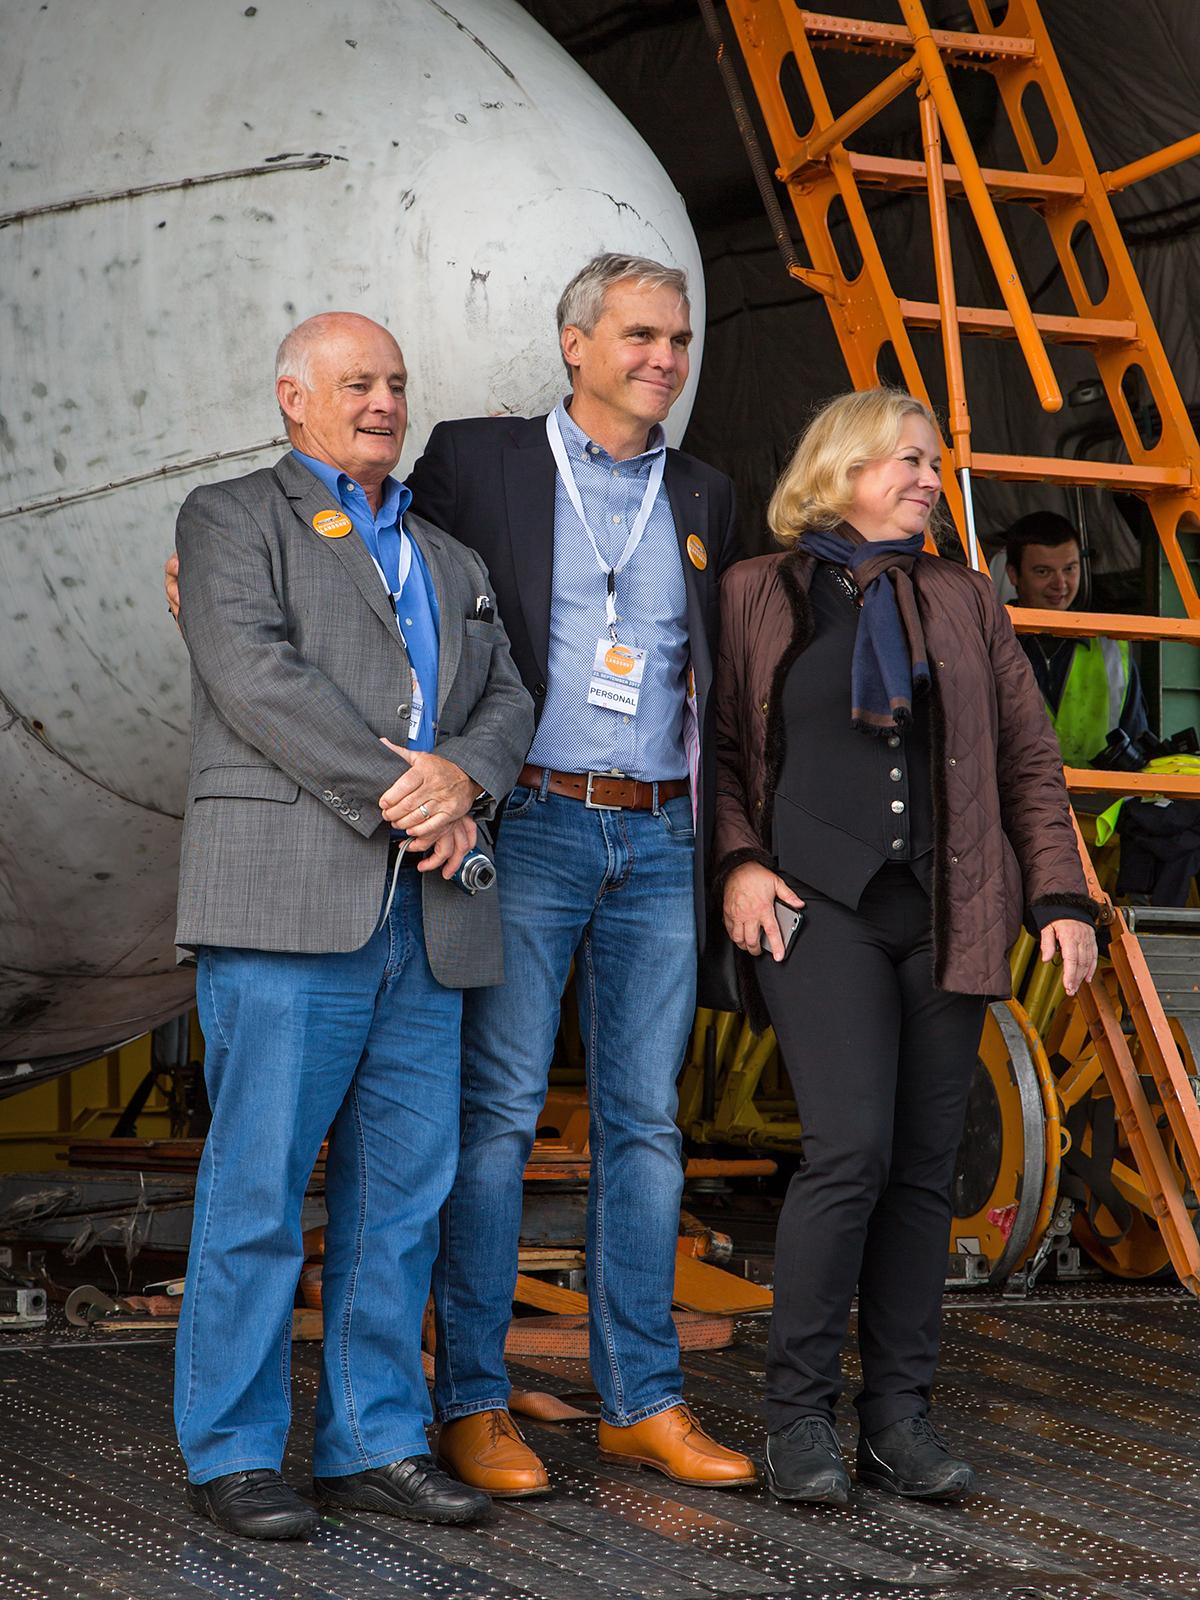 Museumsdirektor Dornier mit Copilot Vietor und der ehemaligen Stewardess Gabriele von Lutzow.